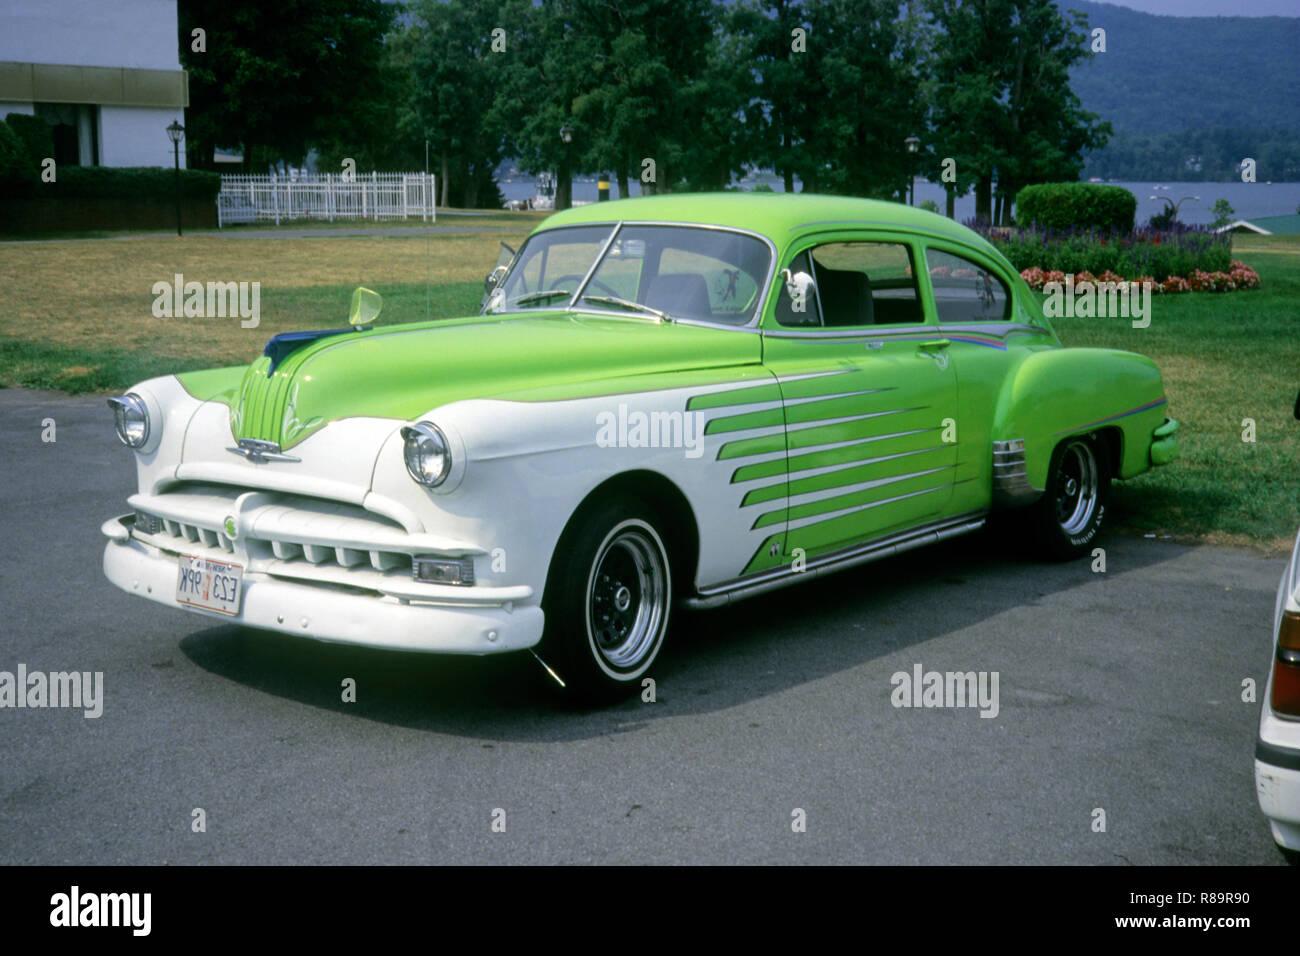 Coches Vehículos automóviles, coche clásico de los 50's, 60'S, 70's Imagen De Stock